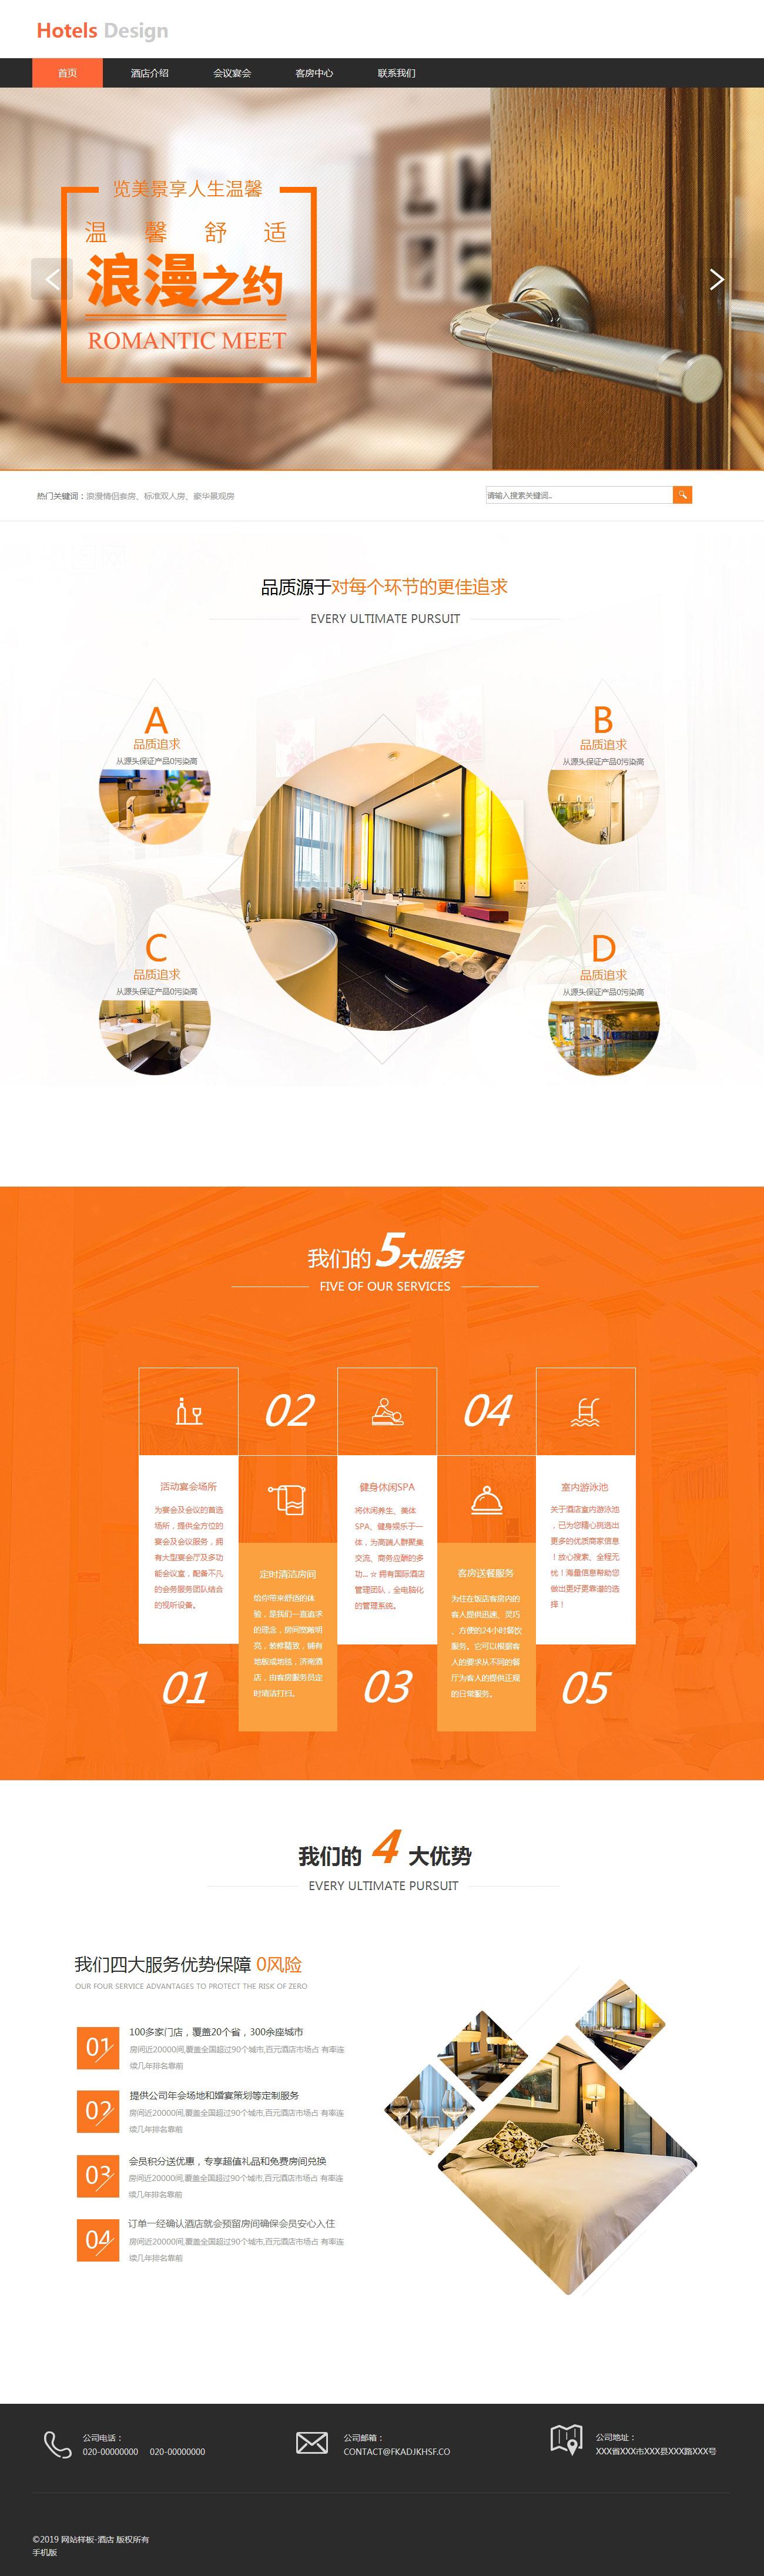 酒店服务、酒店官网介绍精美网页模板